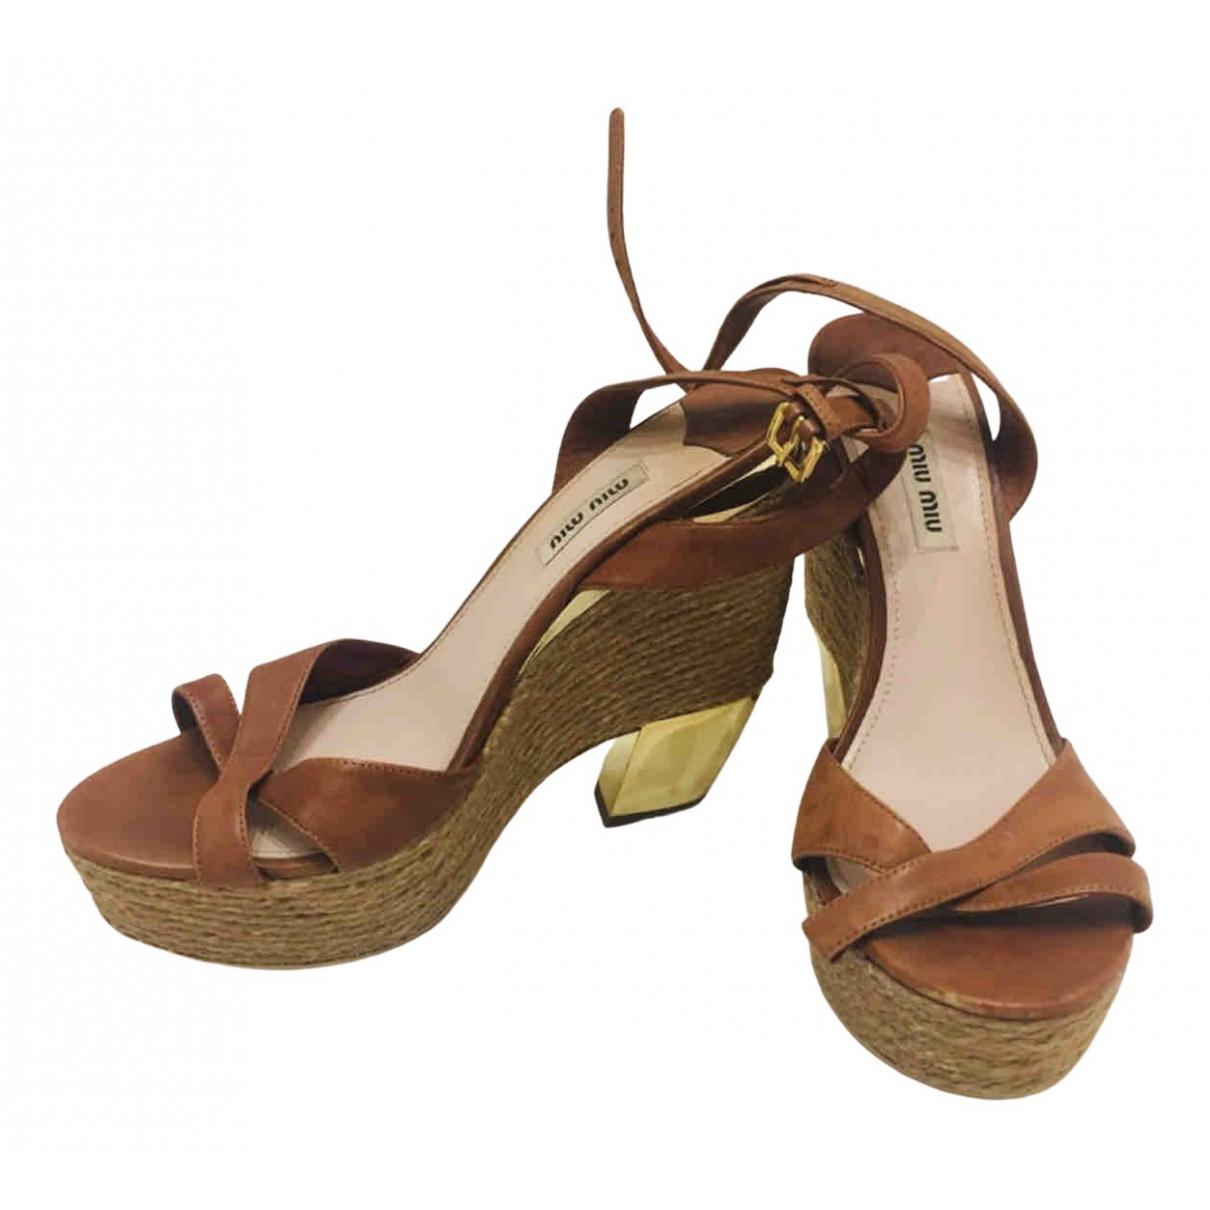 Miu Miu N Brown Leather Sandals for Women 39 EU